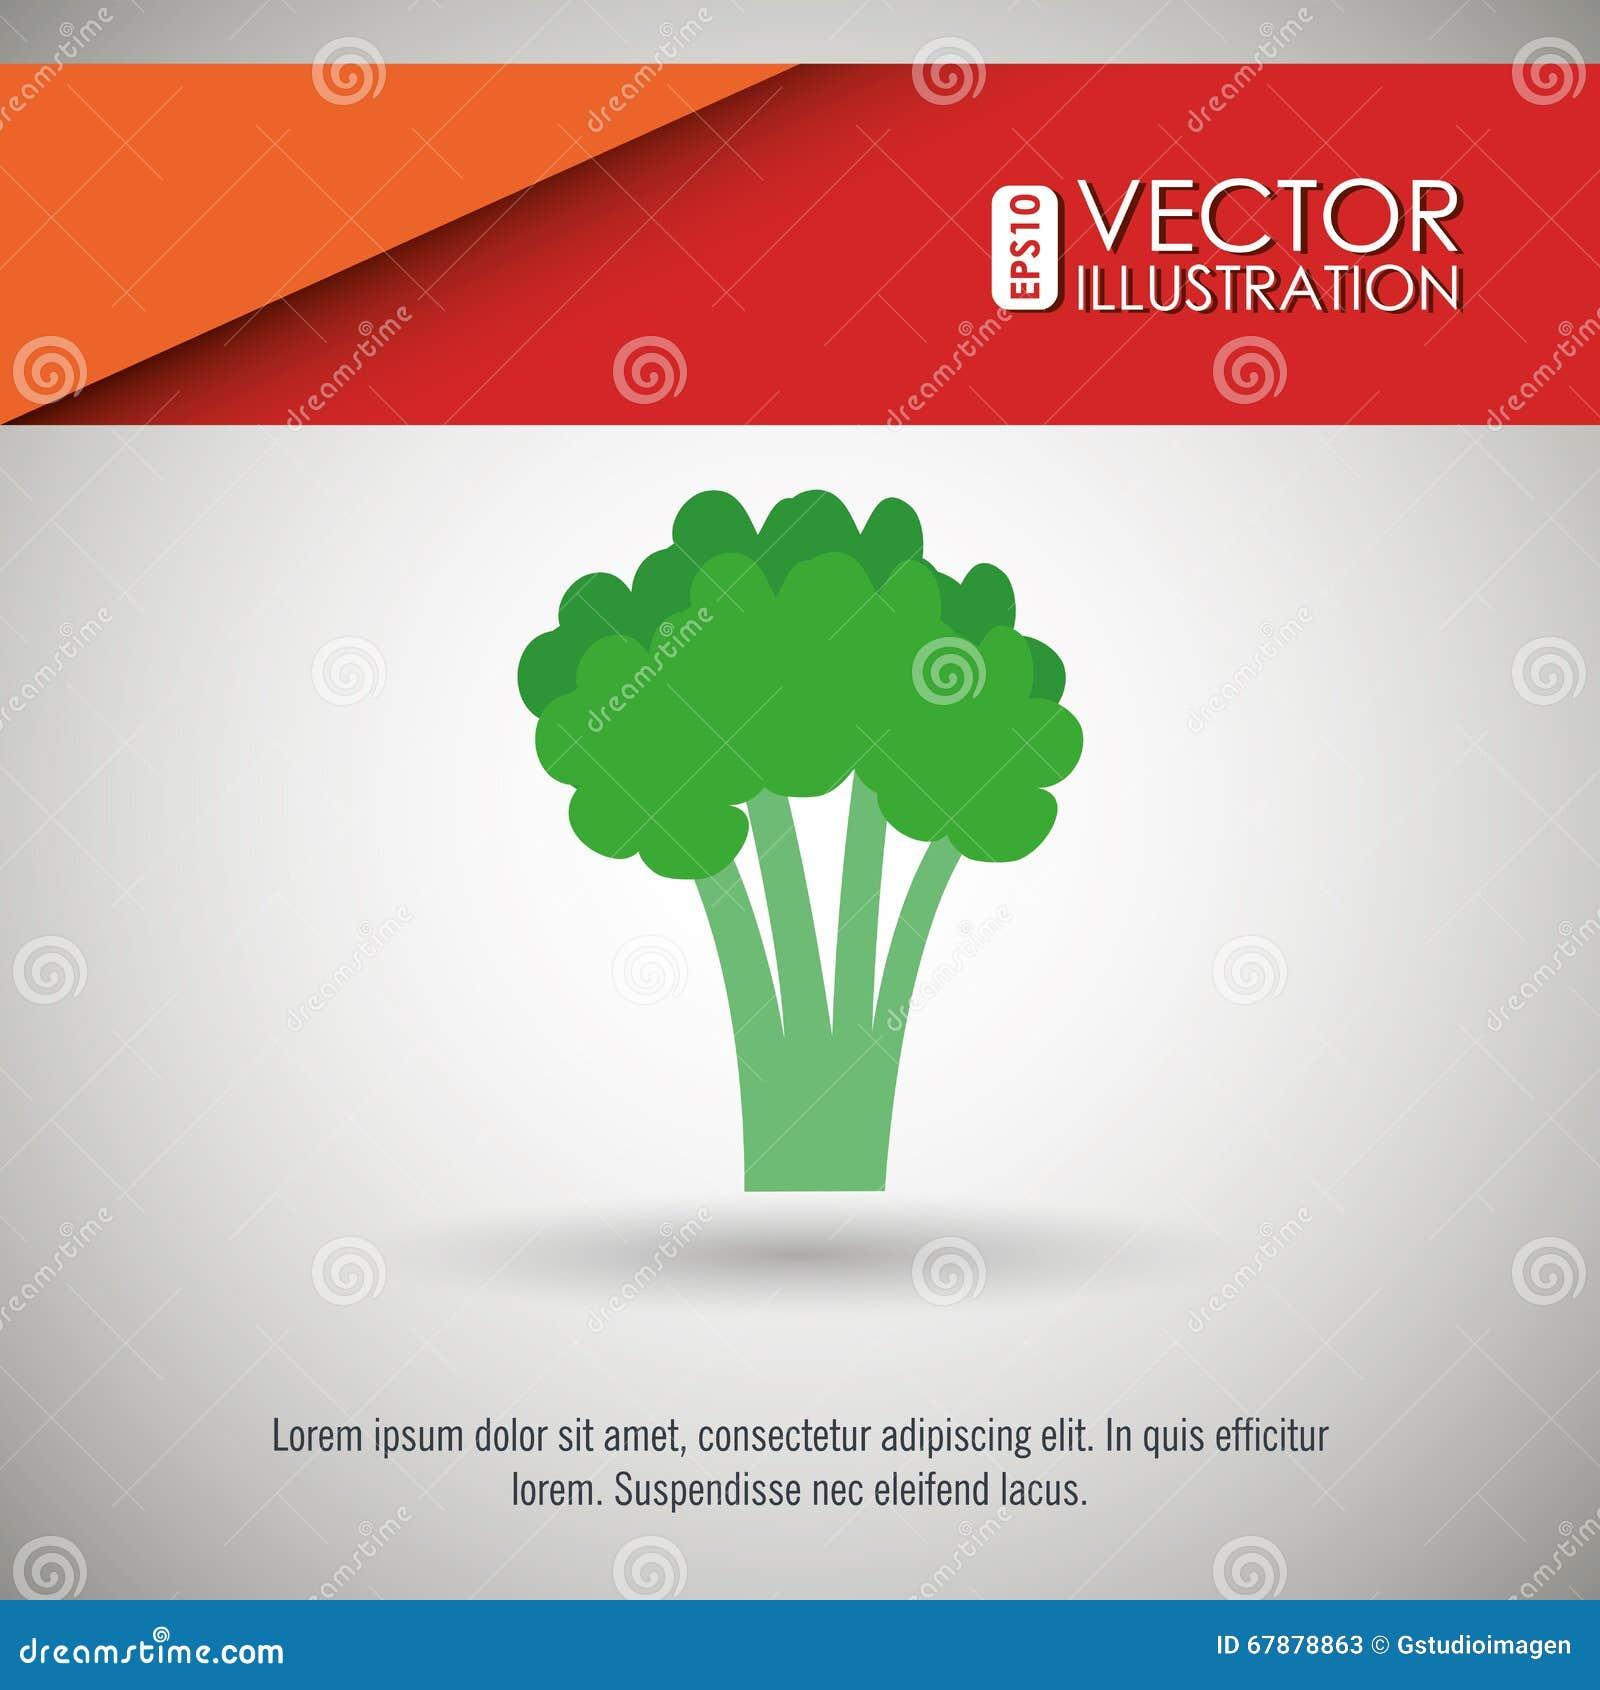 vegetarian food design